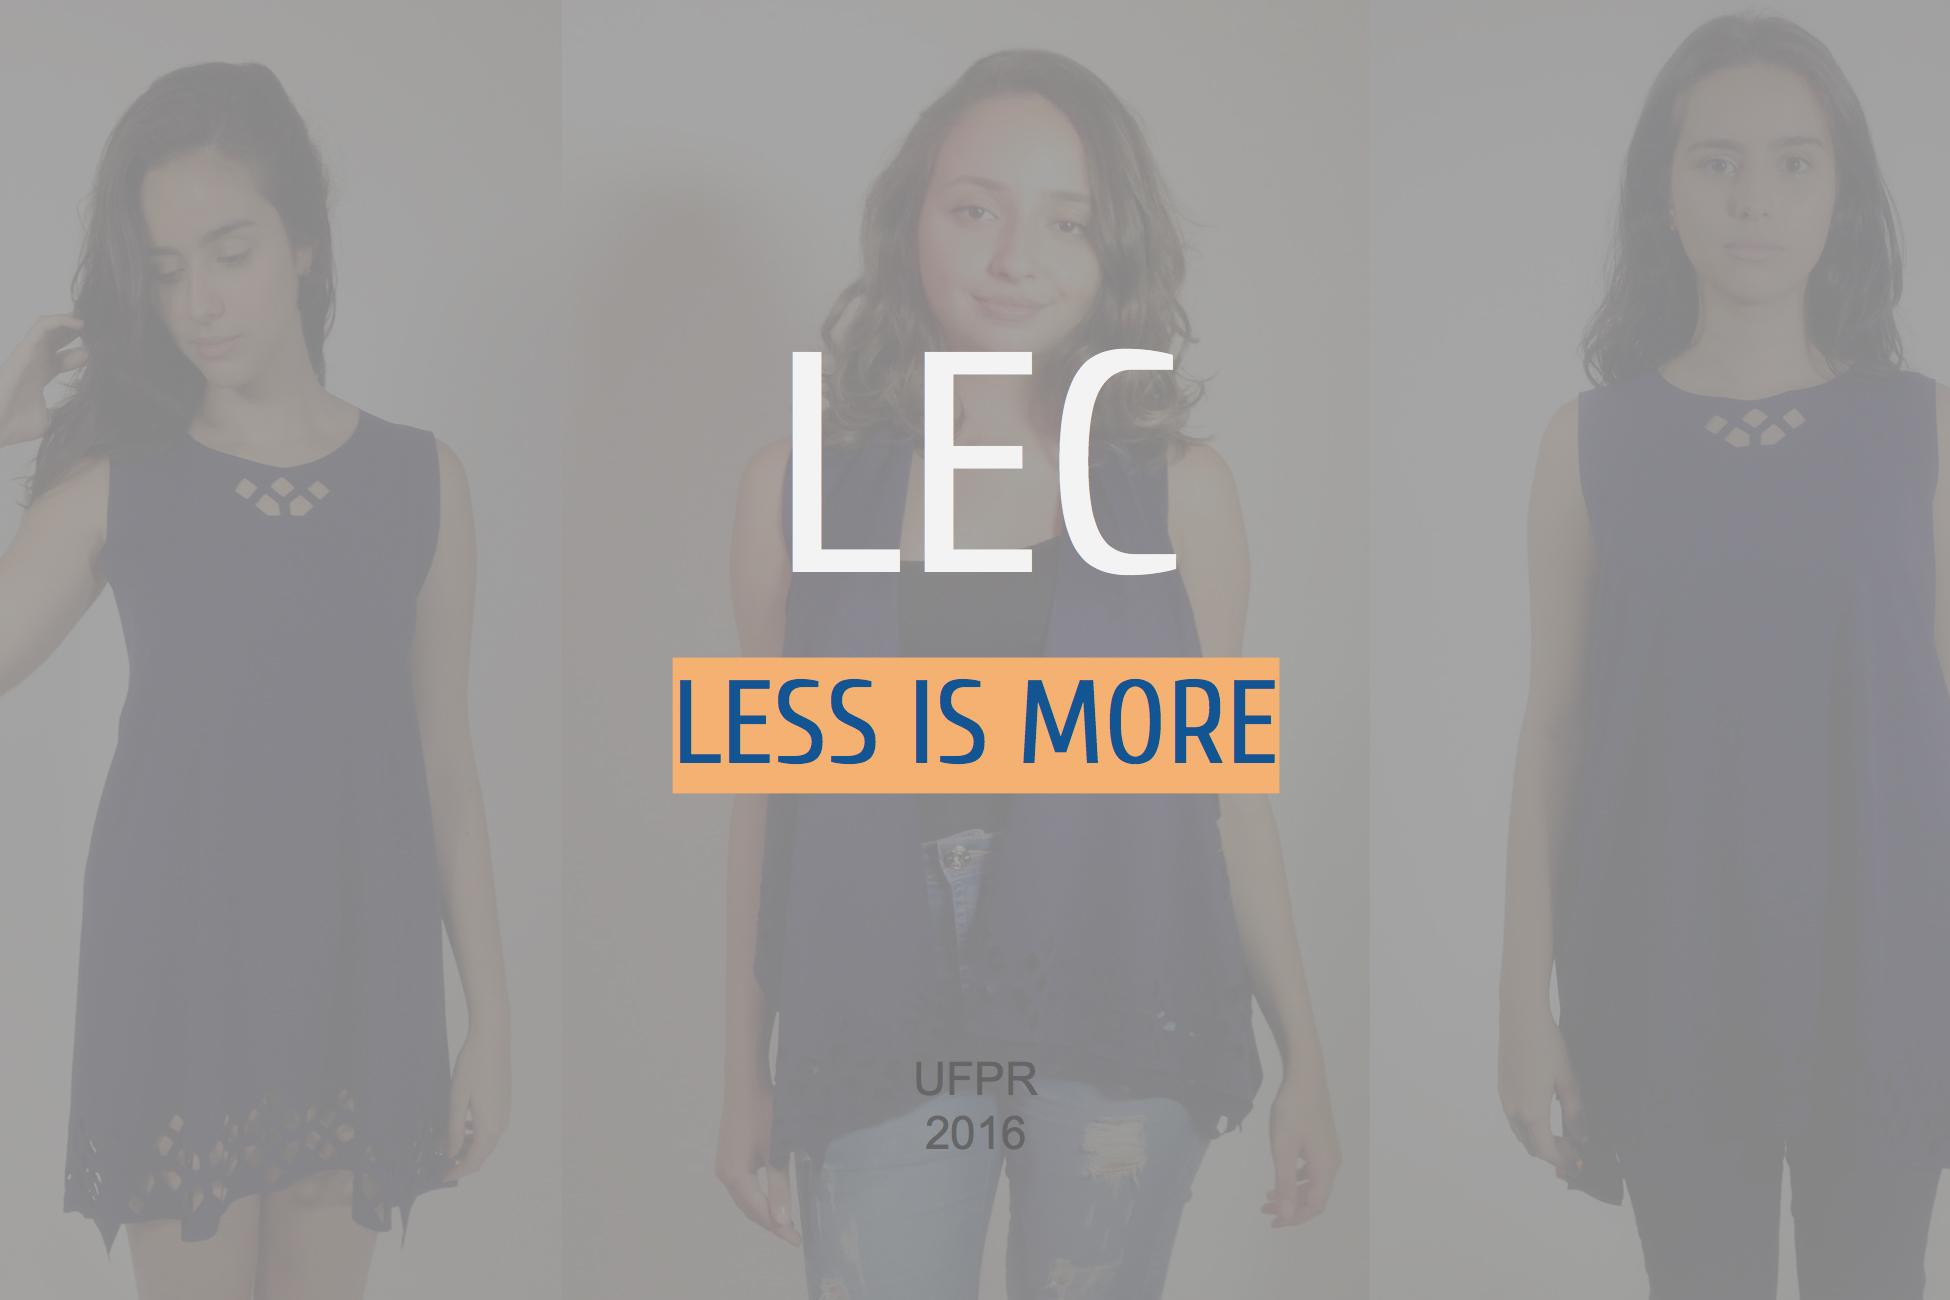 lec_1.jpg